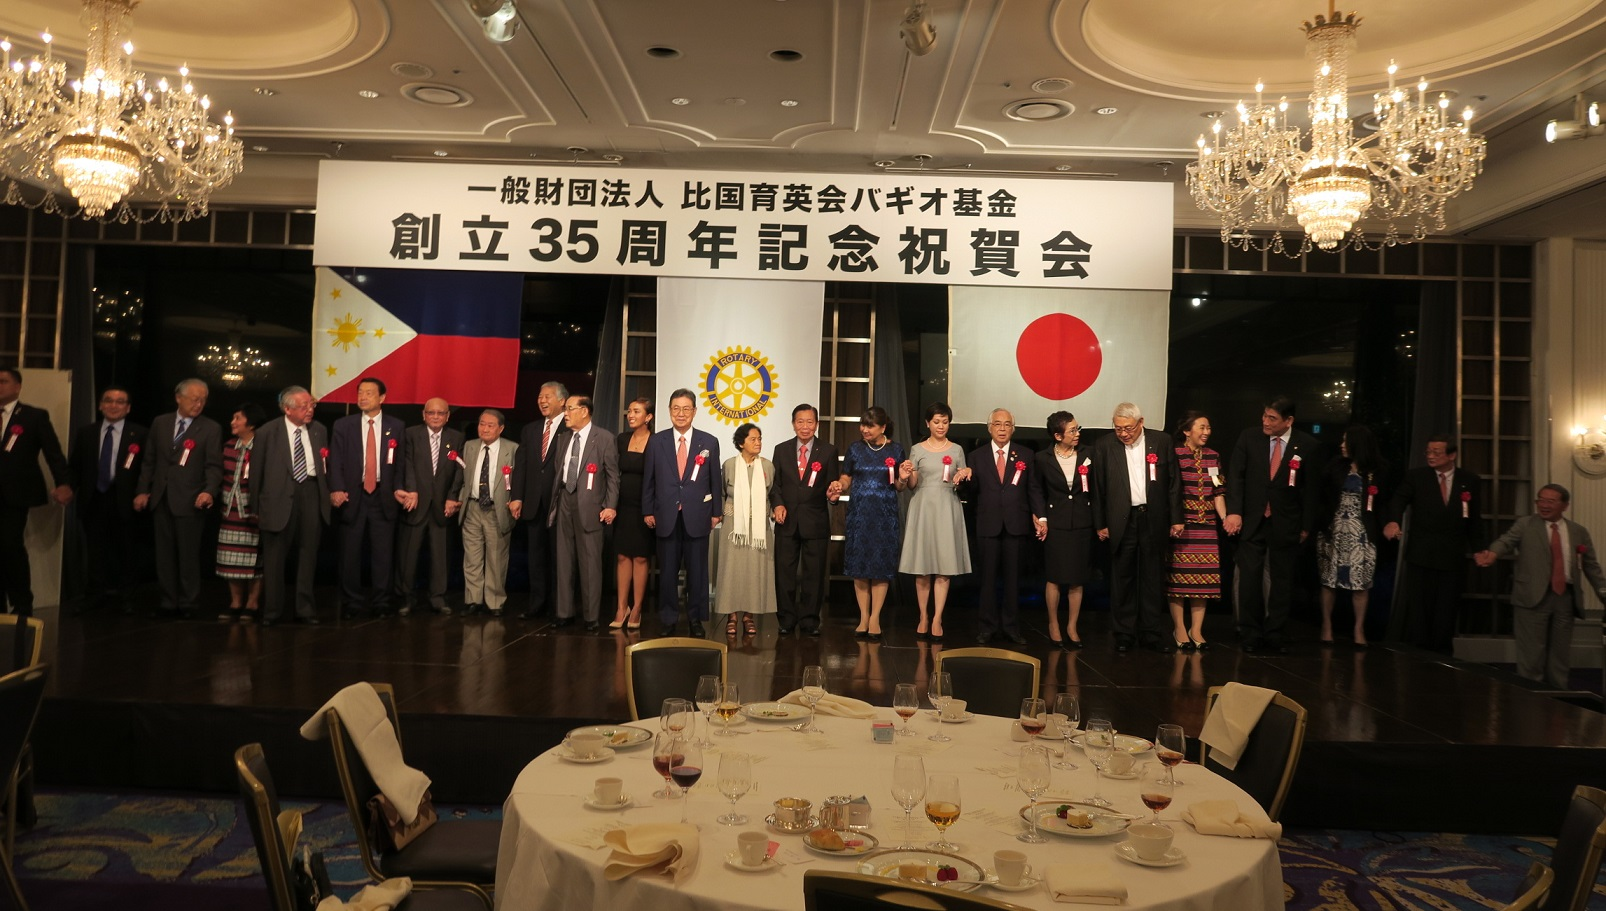 東京で 「比国育英会バギオ基金」の 創立35周年記念祝賀会が開催されました_a0109542_235712.jpg